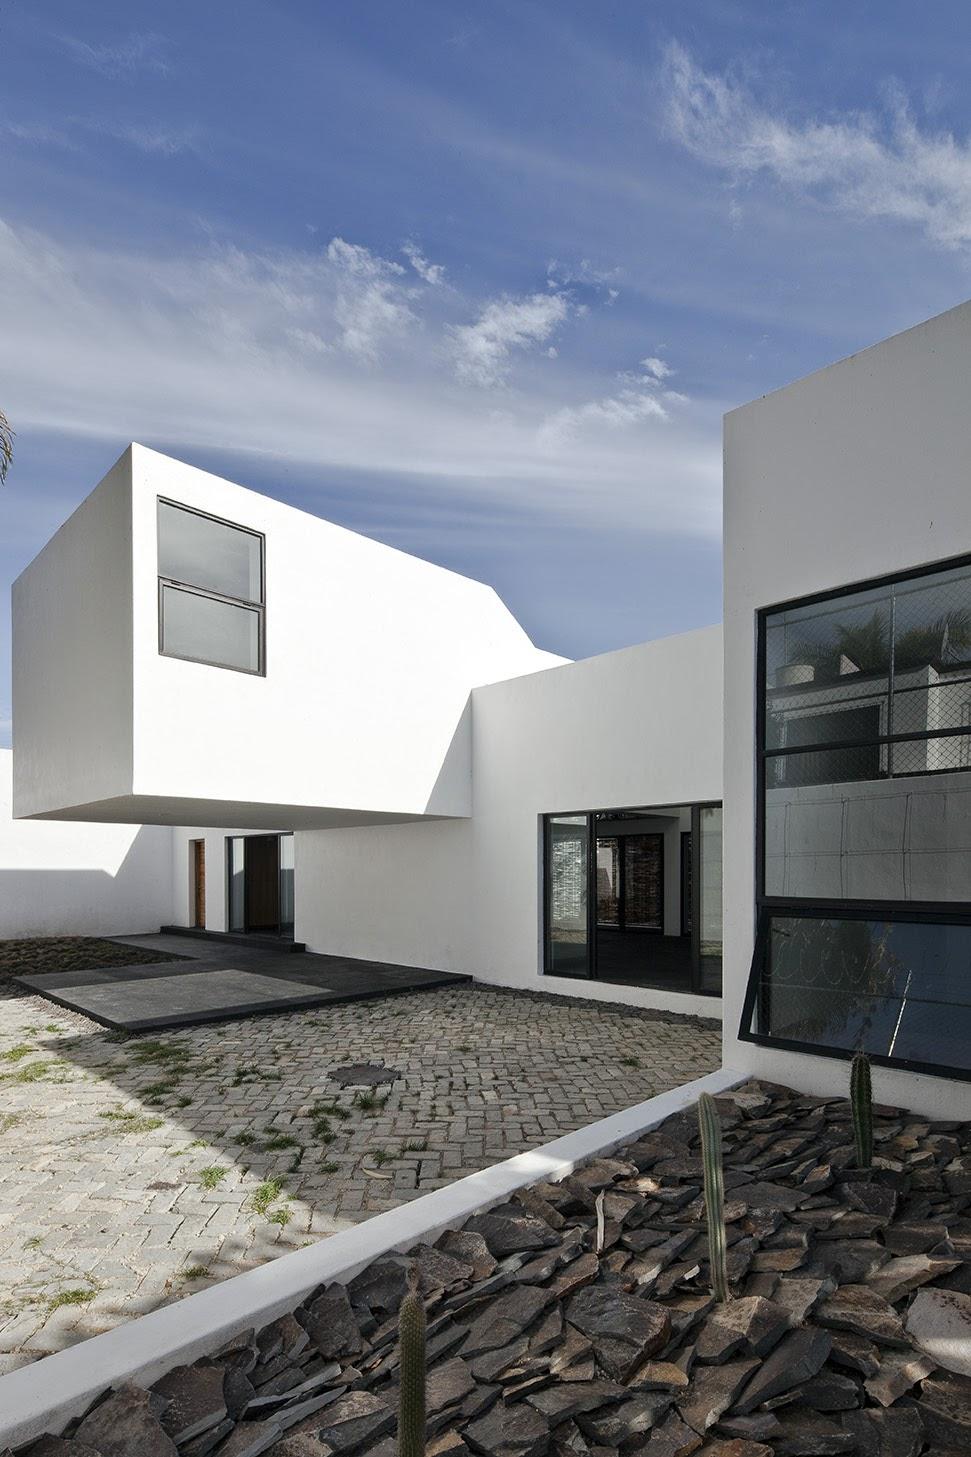 Rumah dengan Perpaduan Lokalitas dan Modernitas 18